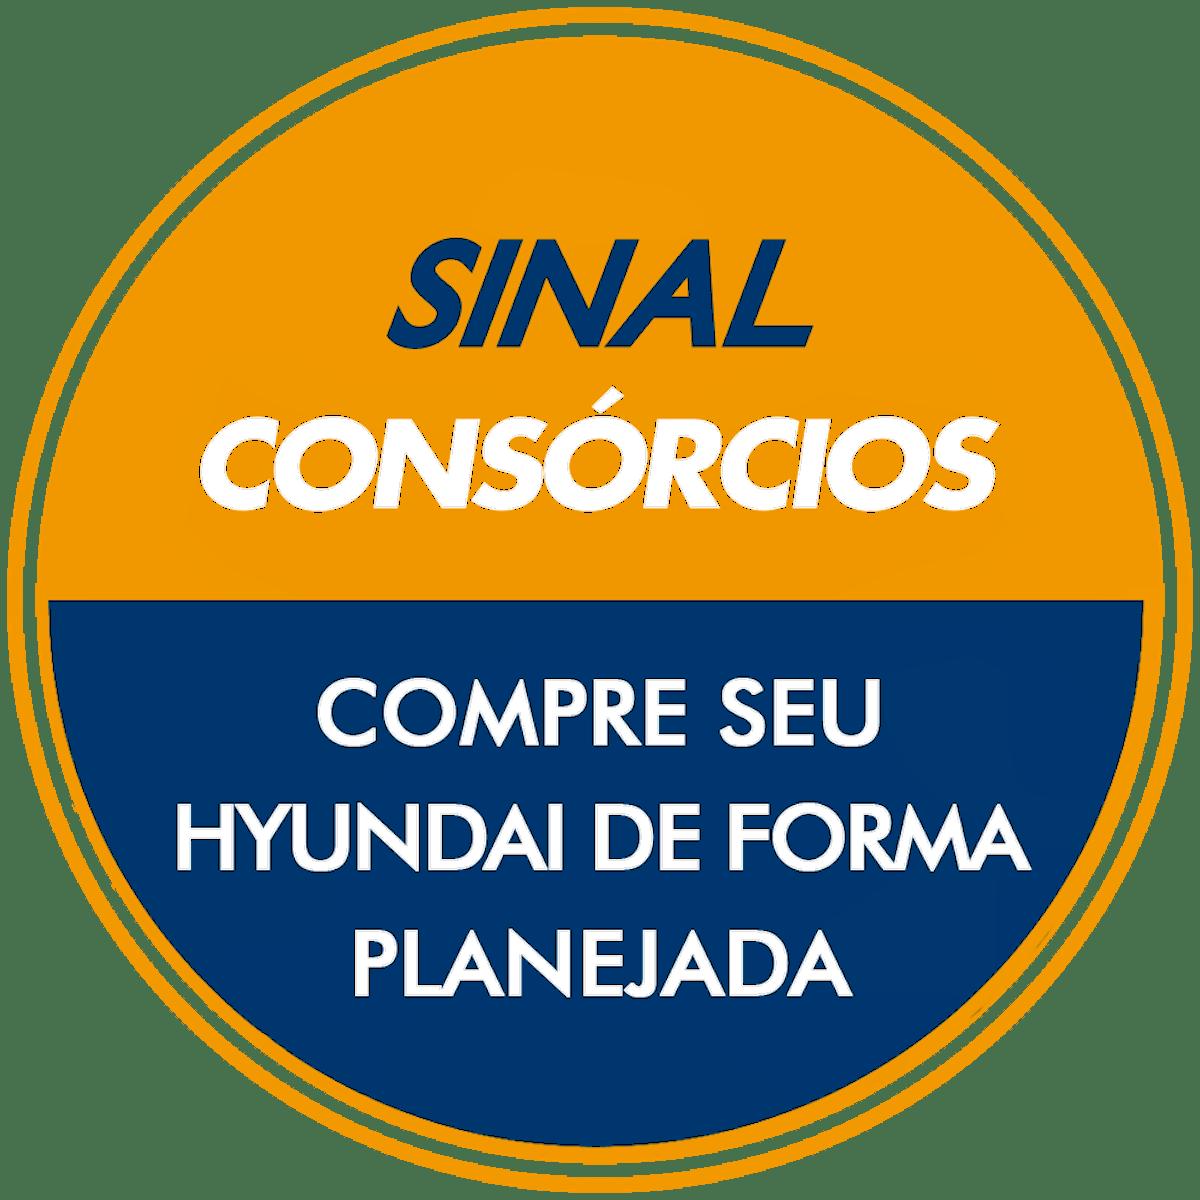 Hyundai Sinal Consórcio